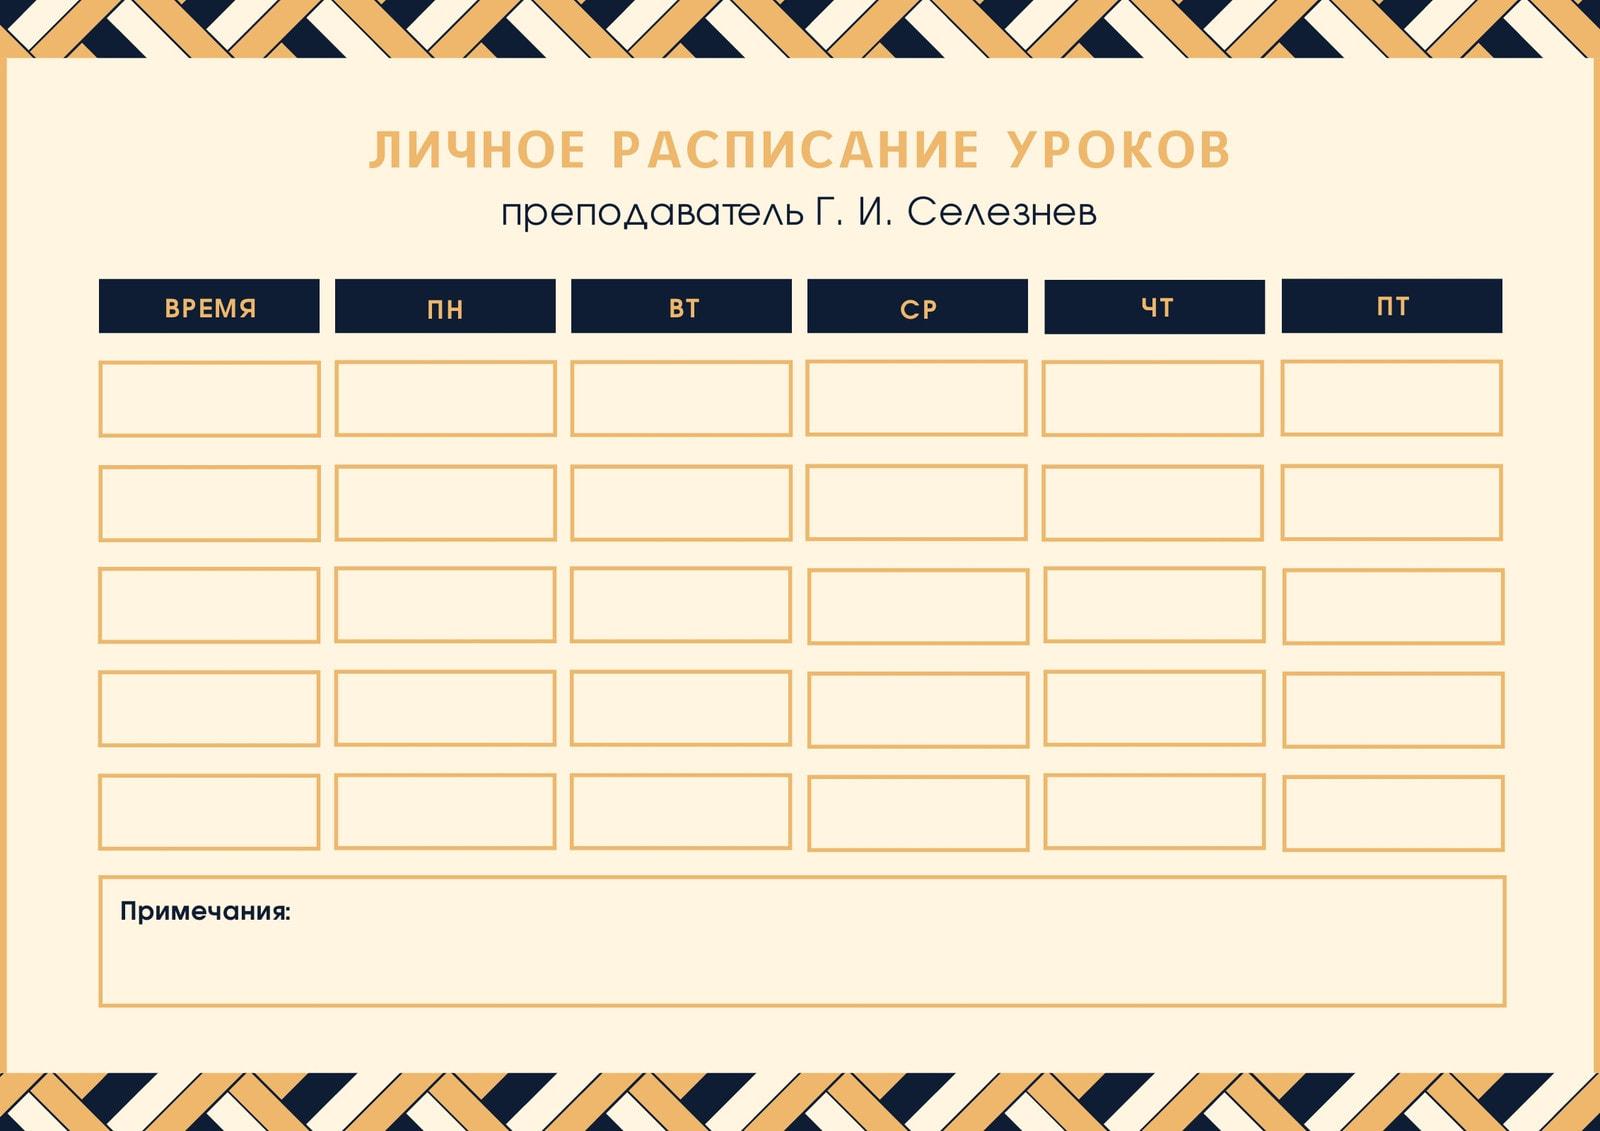 Желтый и Темно-Синий Геометрический Узор Учительский Расписание Занятий